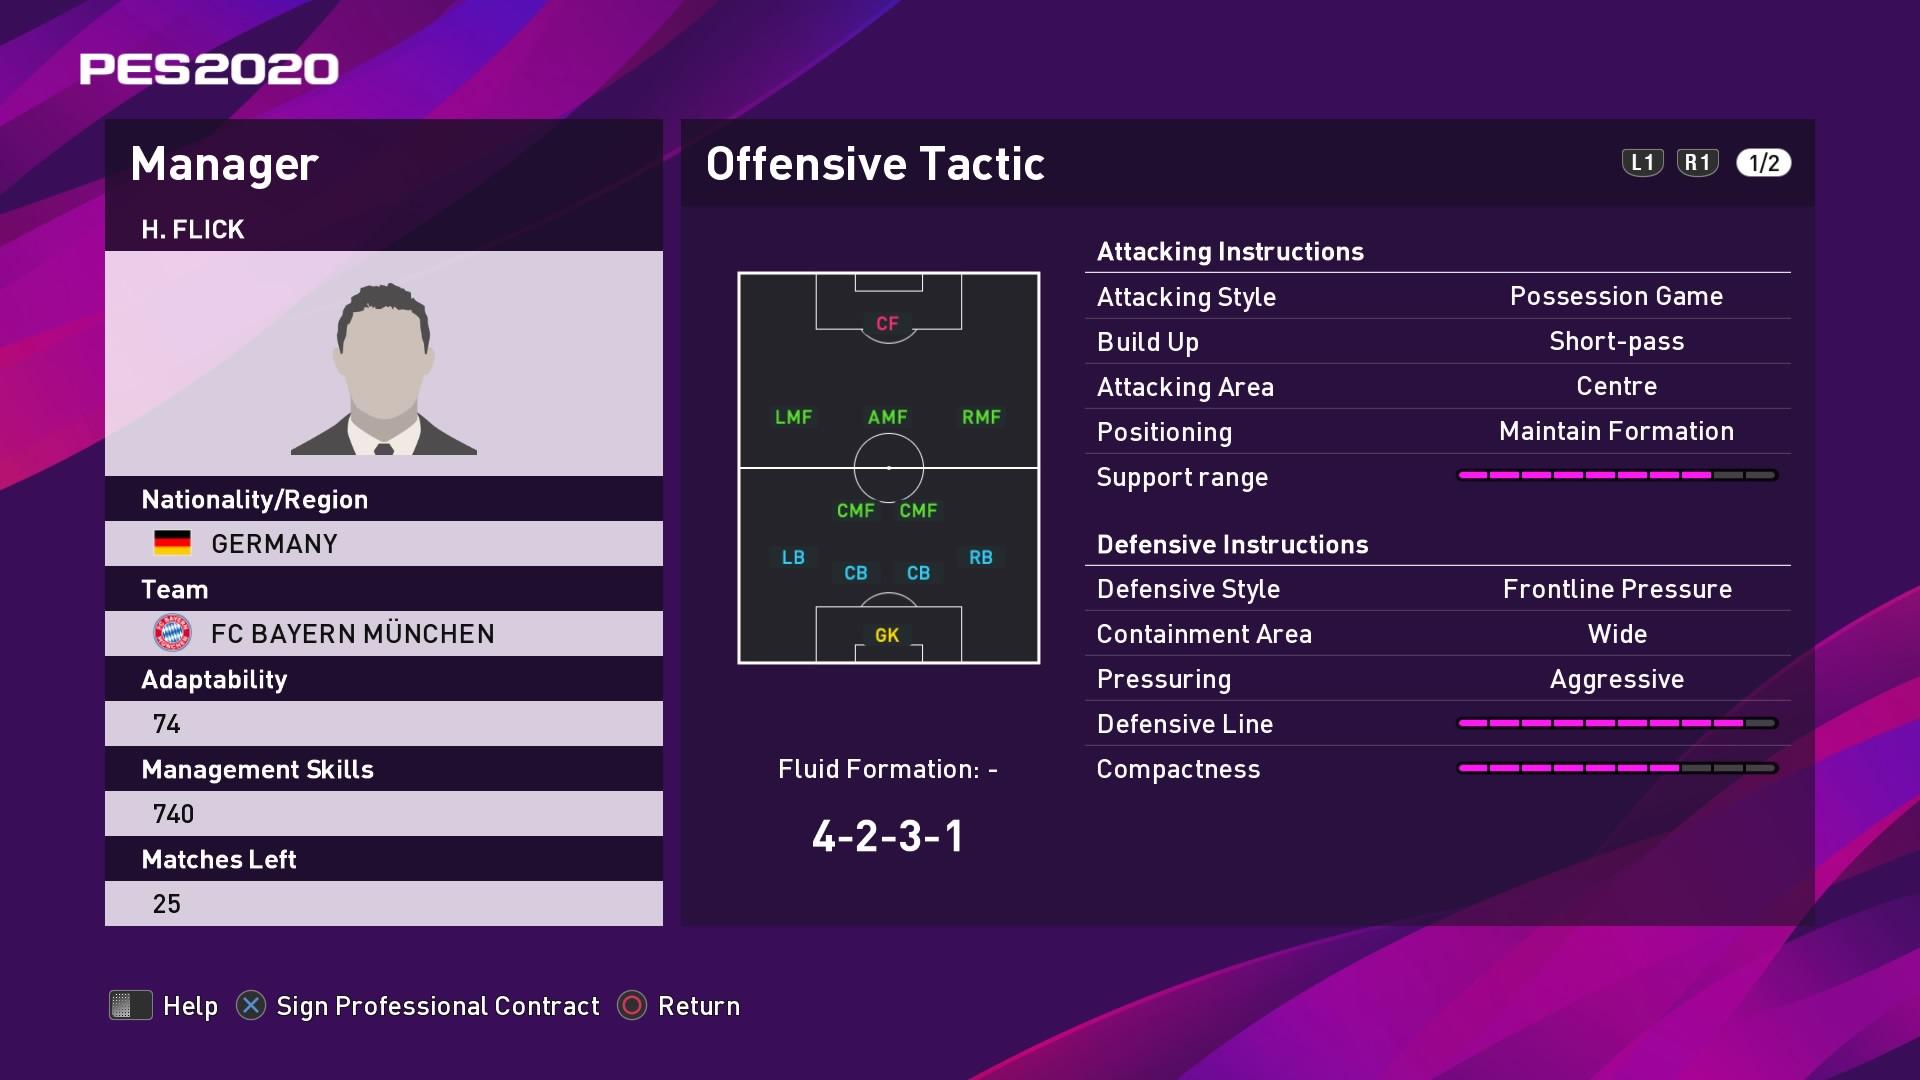 H. Flick (Hans-Dieter Flick) Offensive Tactic in PES 2020 myClub